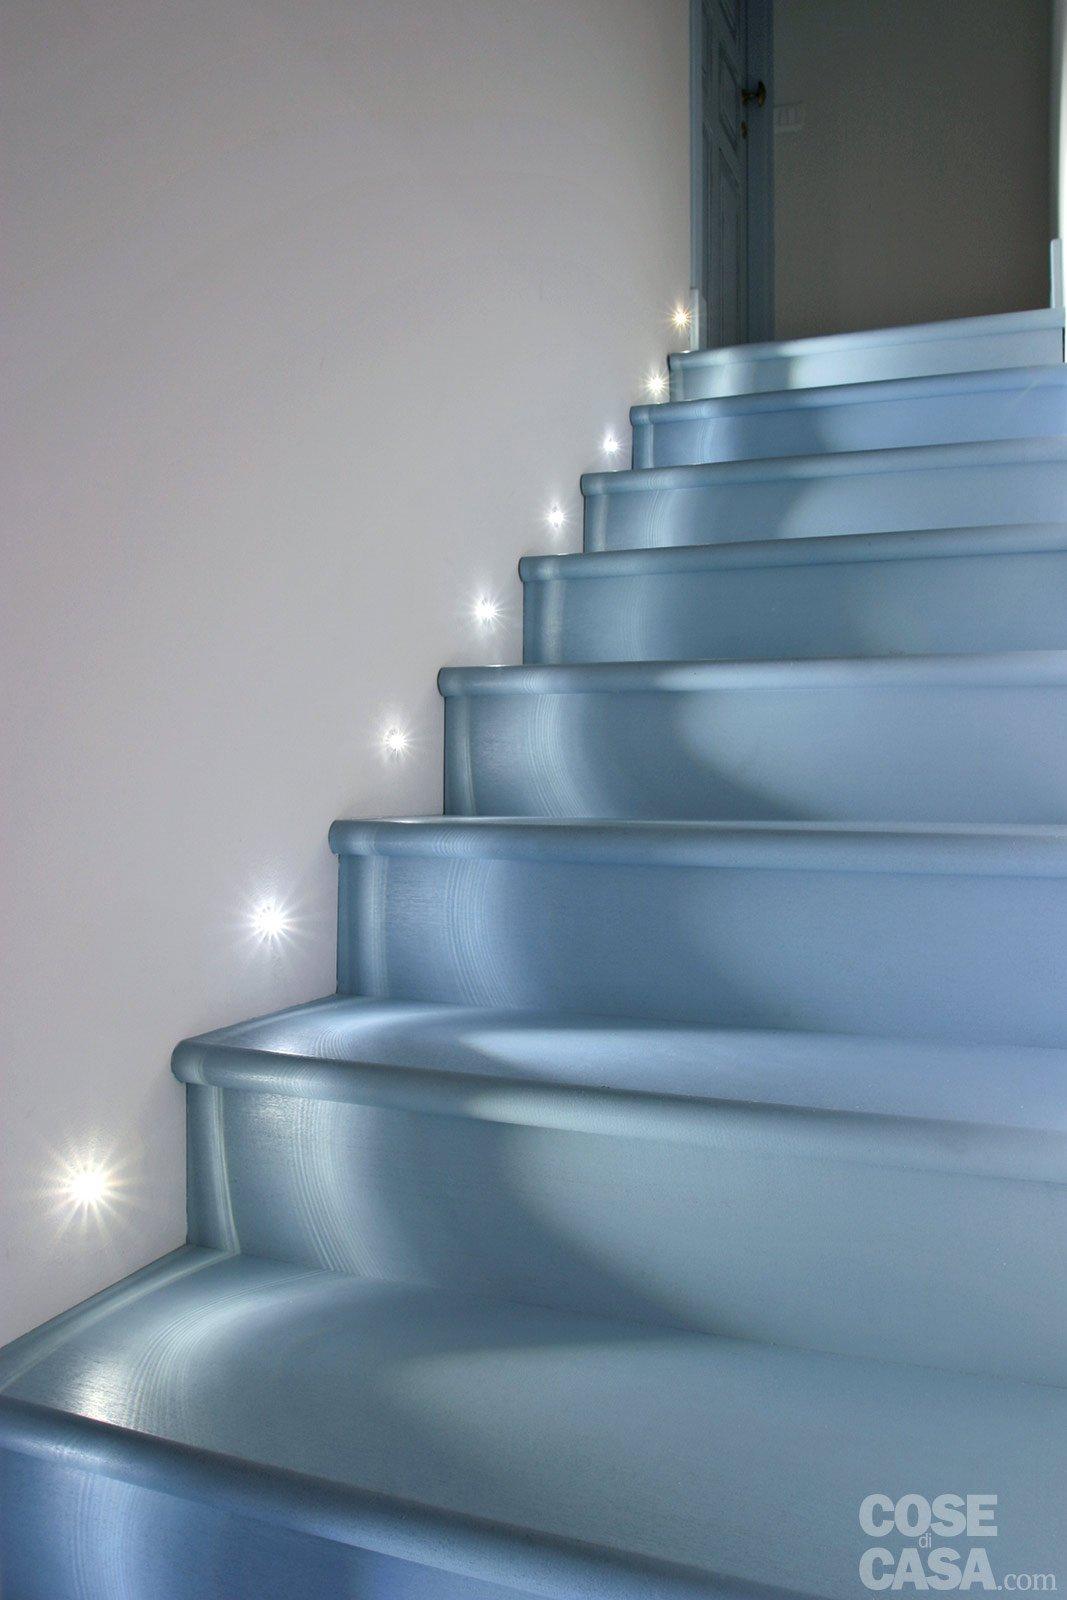 60 mq una casa in tonalit pastello cose di casa - Specchio con lampade intorno ...